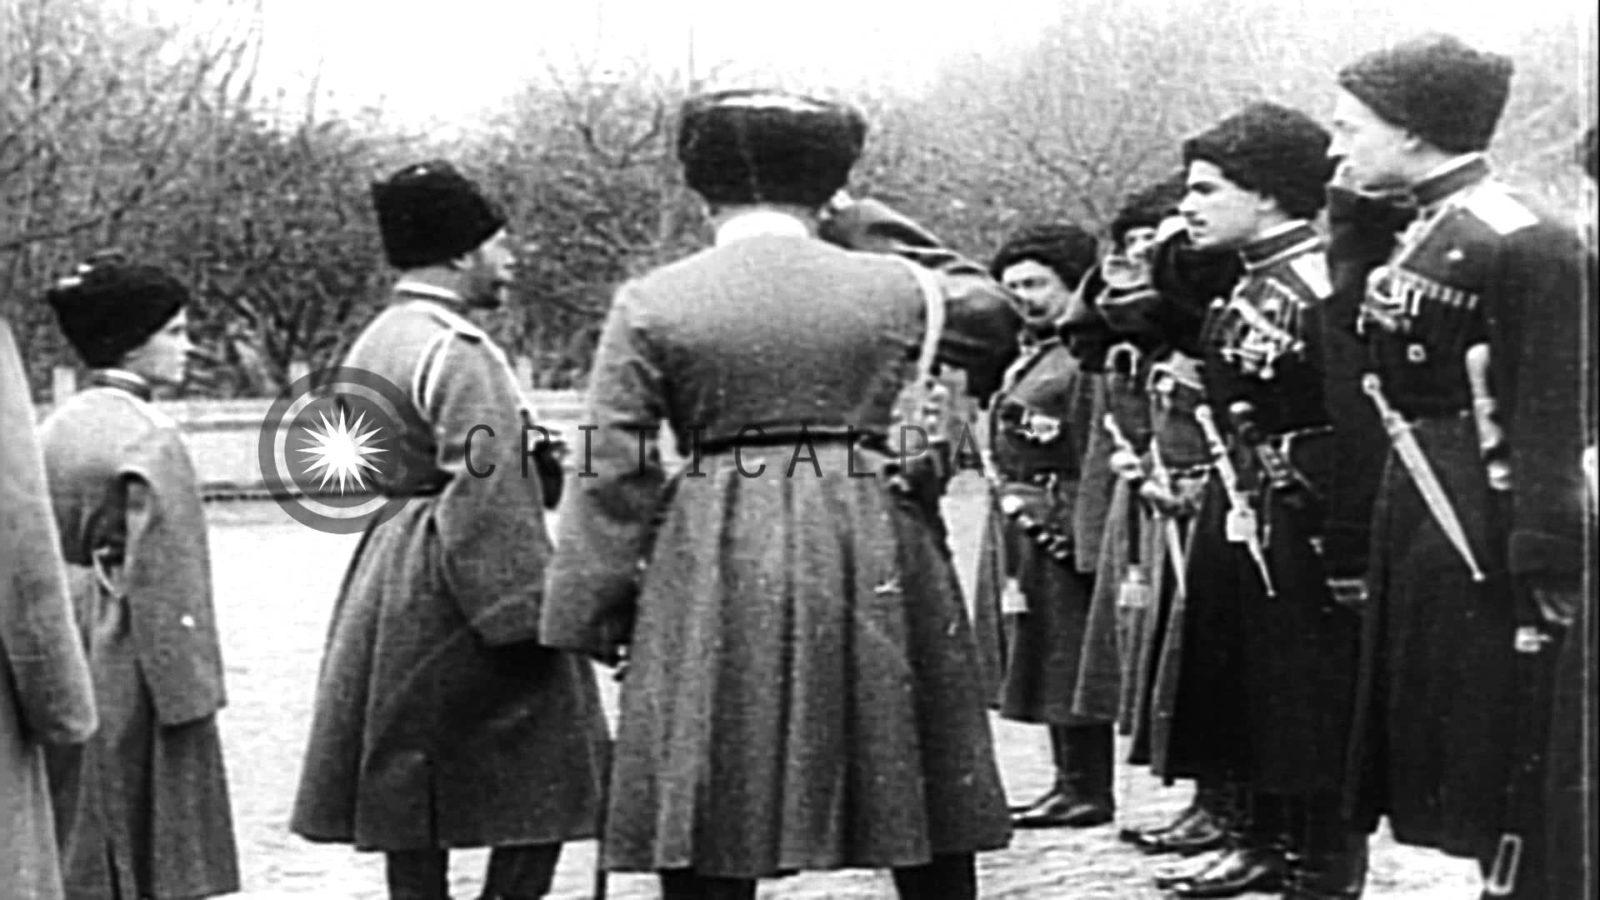 Soldaten der russischen Zar-Armee Czar Nicholas II